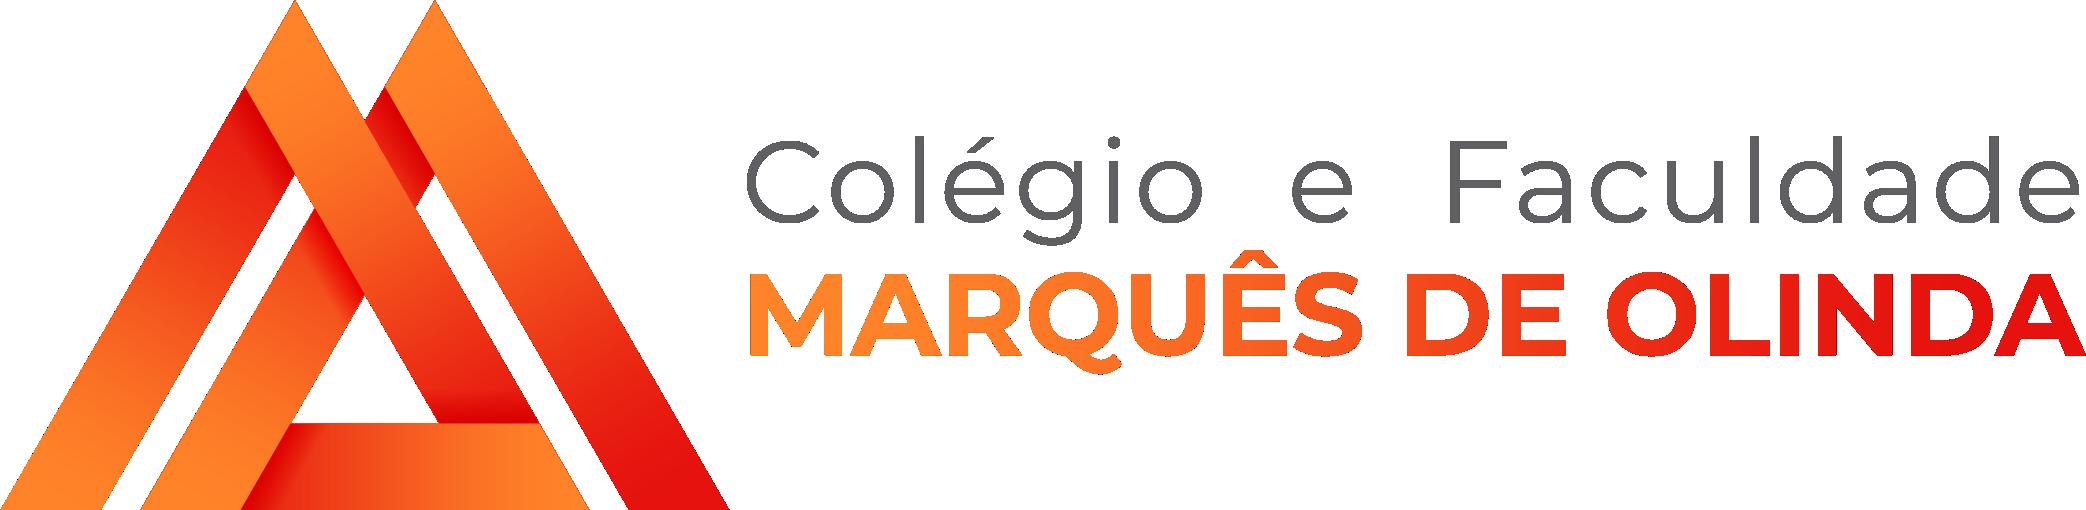 Colégio e Faculdade Marques de Olinda